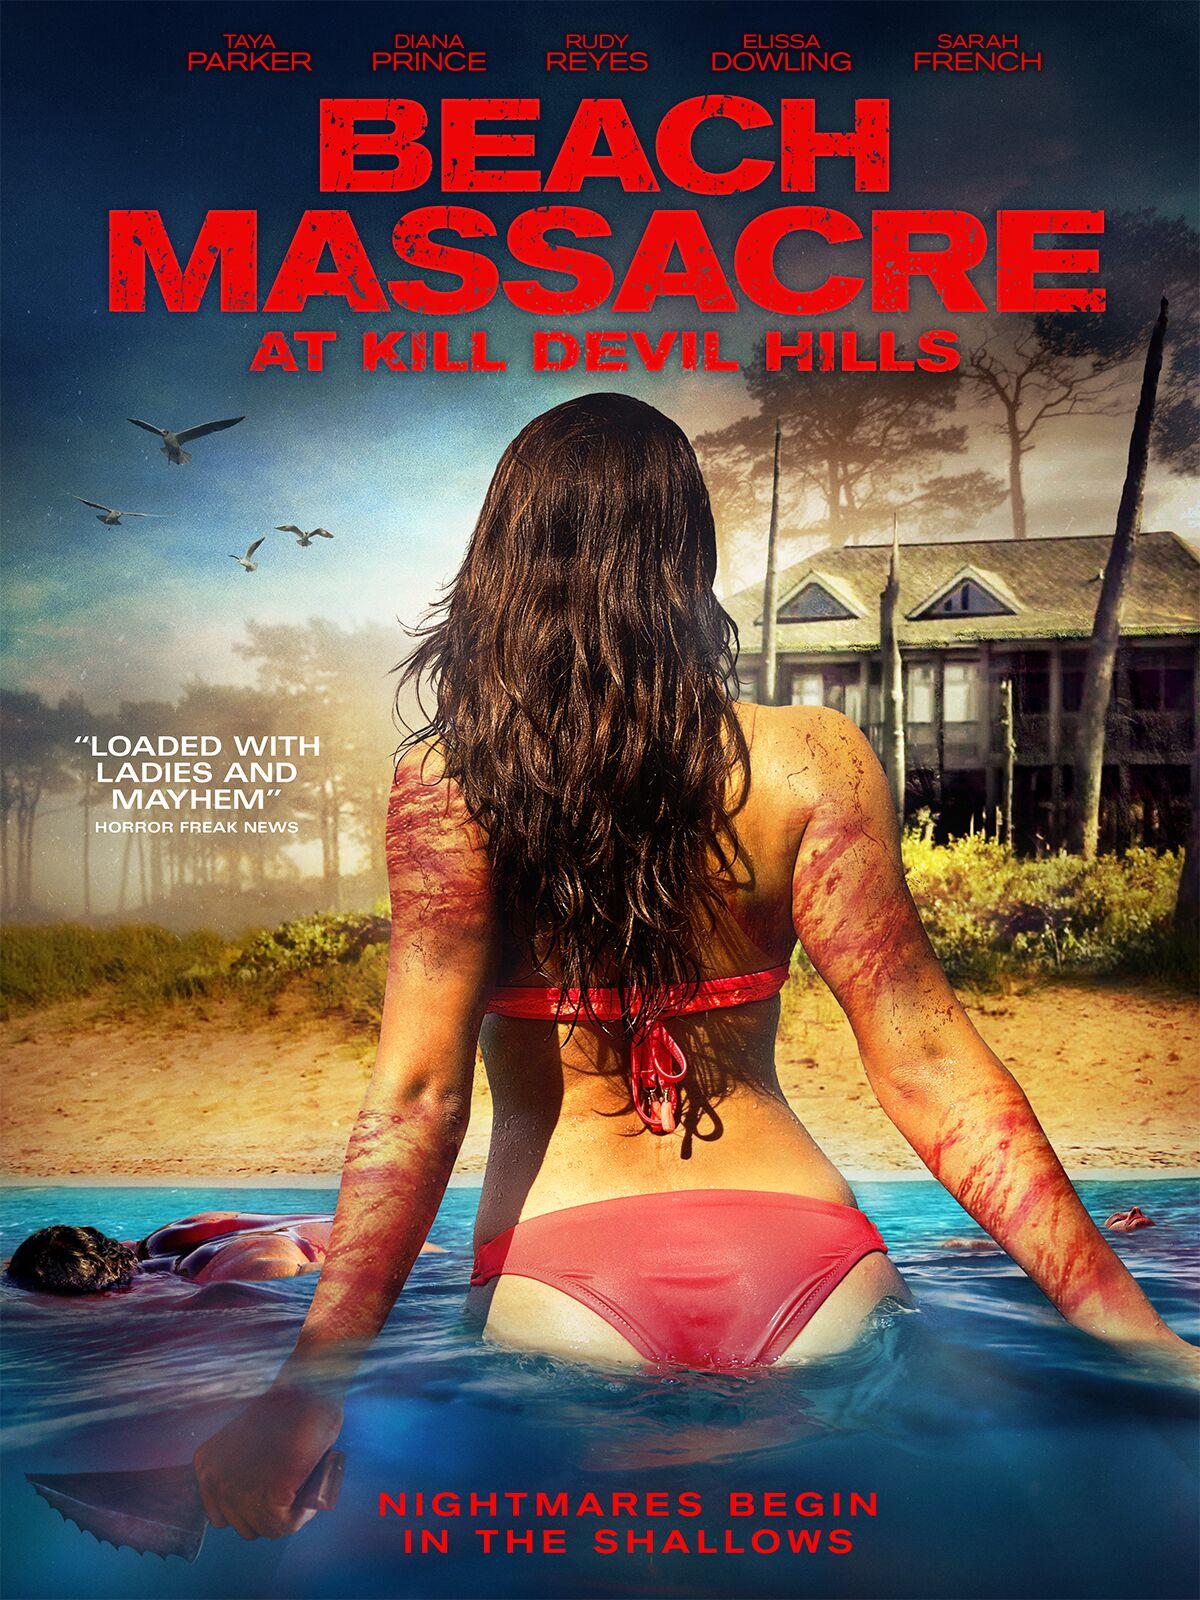 18+ Beach Massacre at Kill Devil Hills (2016) UNRATED 300MB DVDRip 480p